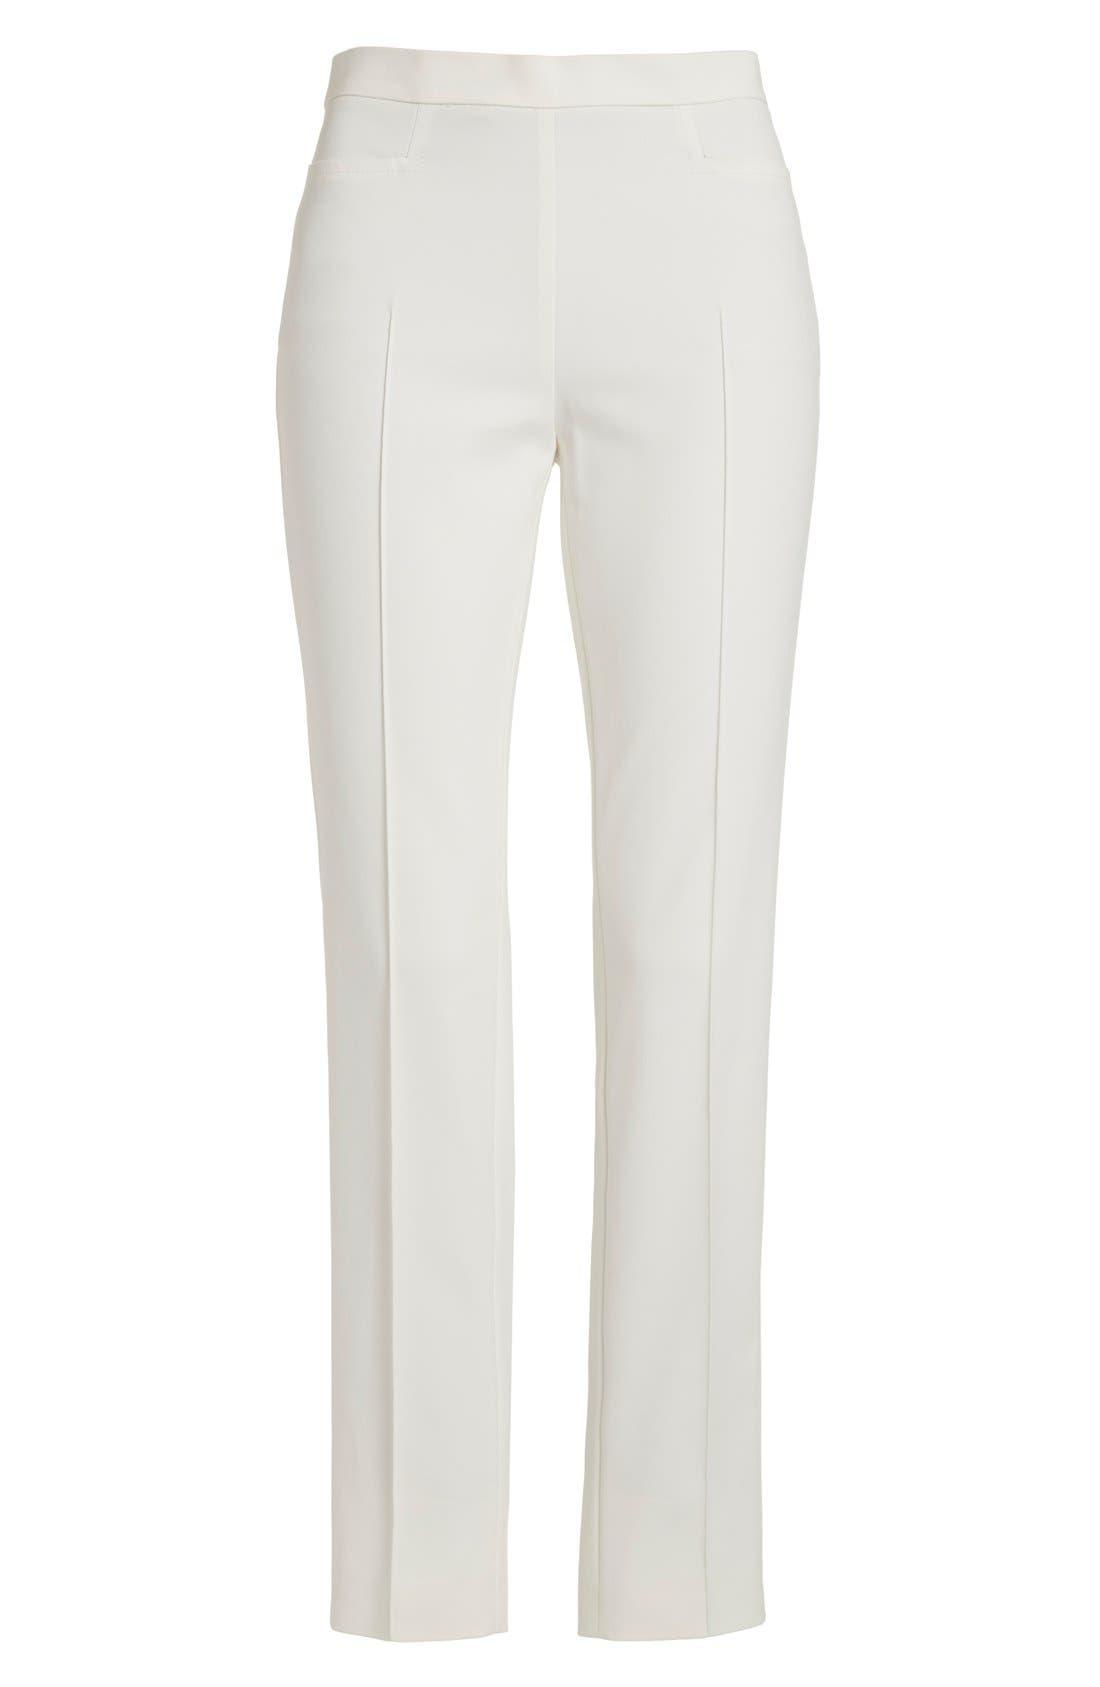 'Franca' Techno Cotton Blend Ankle Pants,                             Alternate thumbnail 8, color,                             ECRU